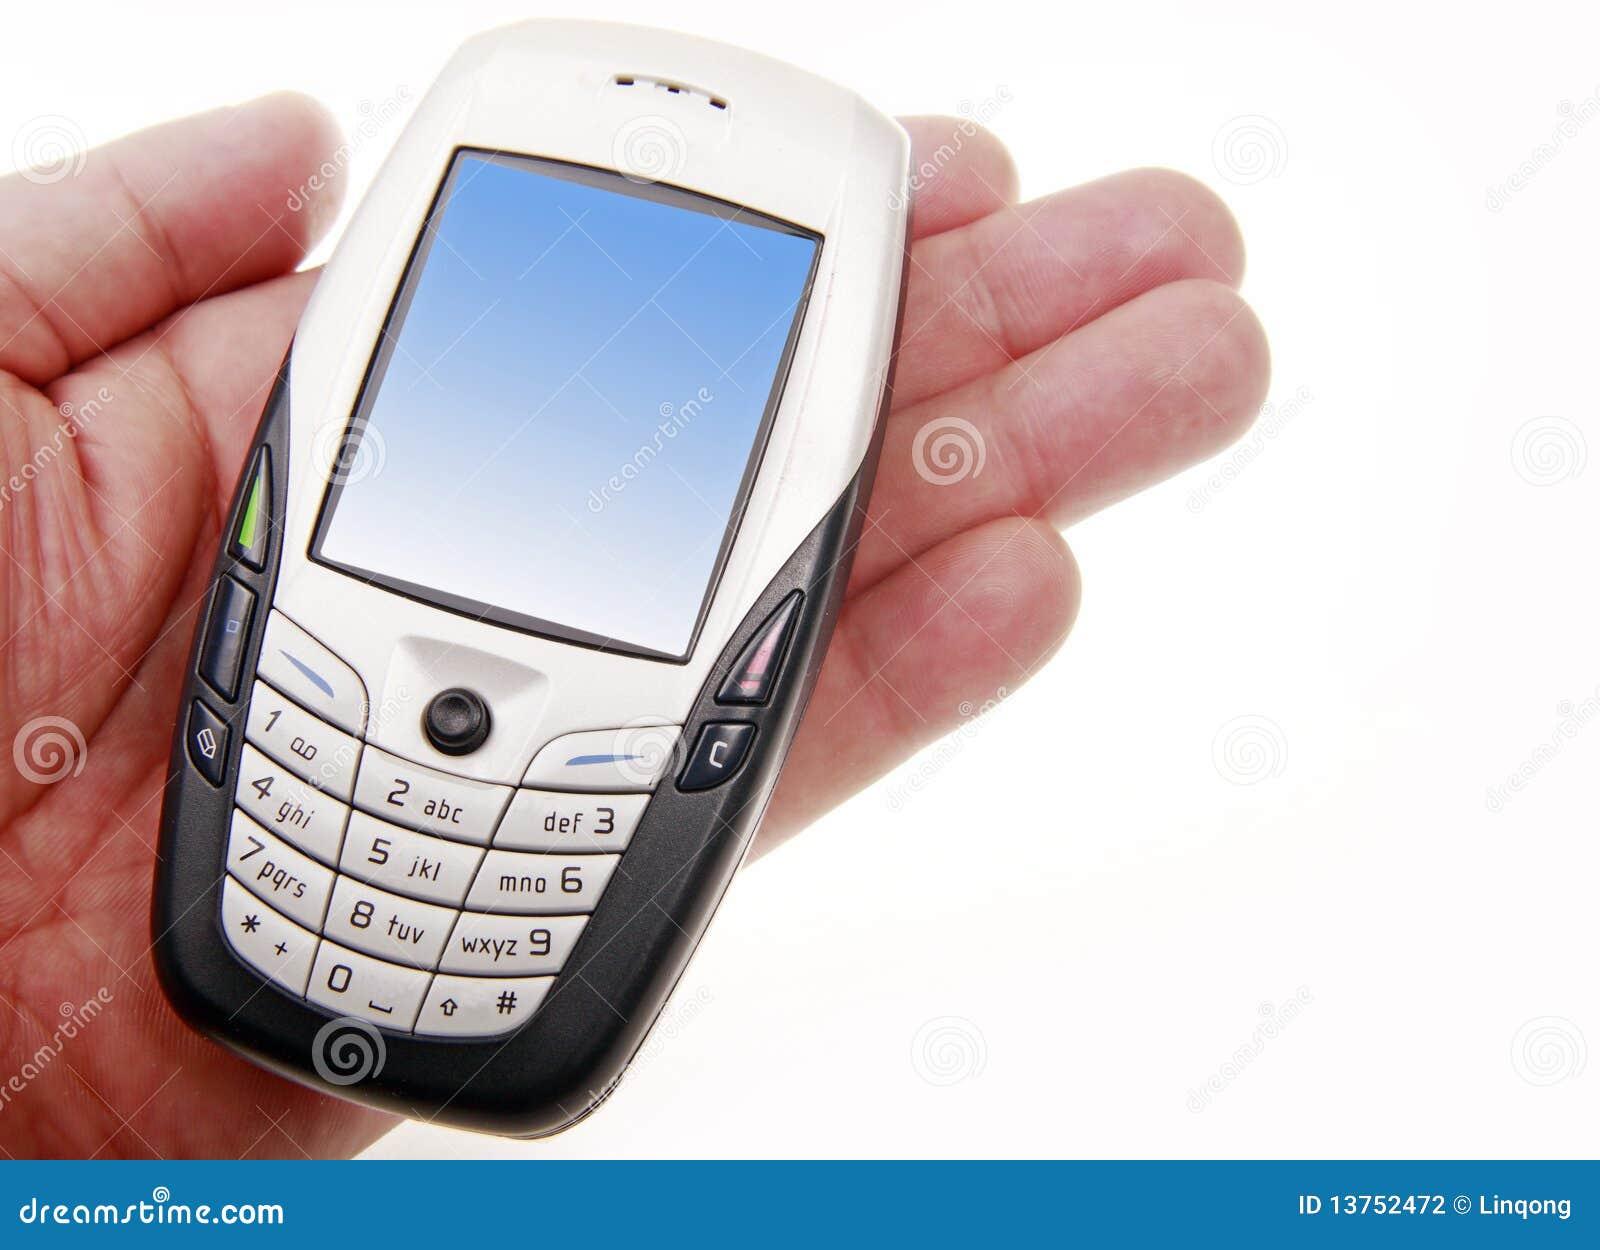 Mobiltelefon an Hand